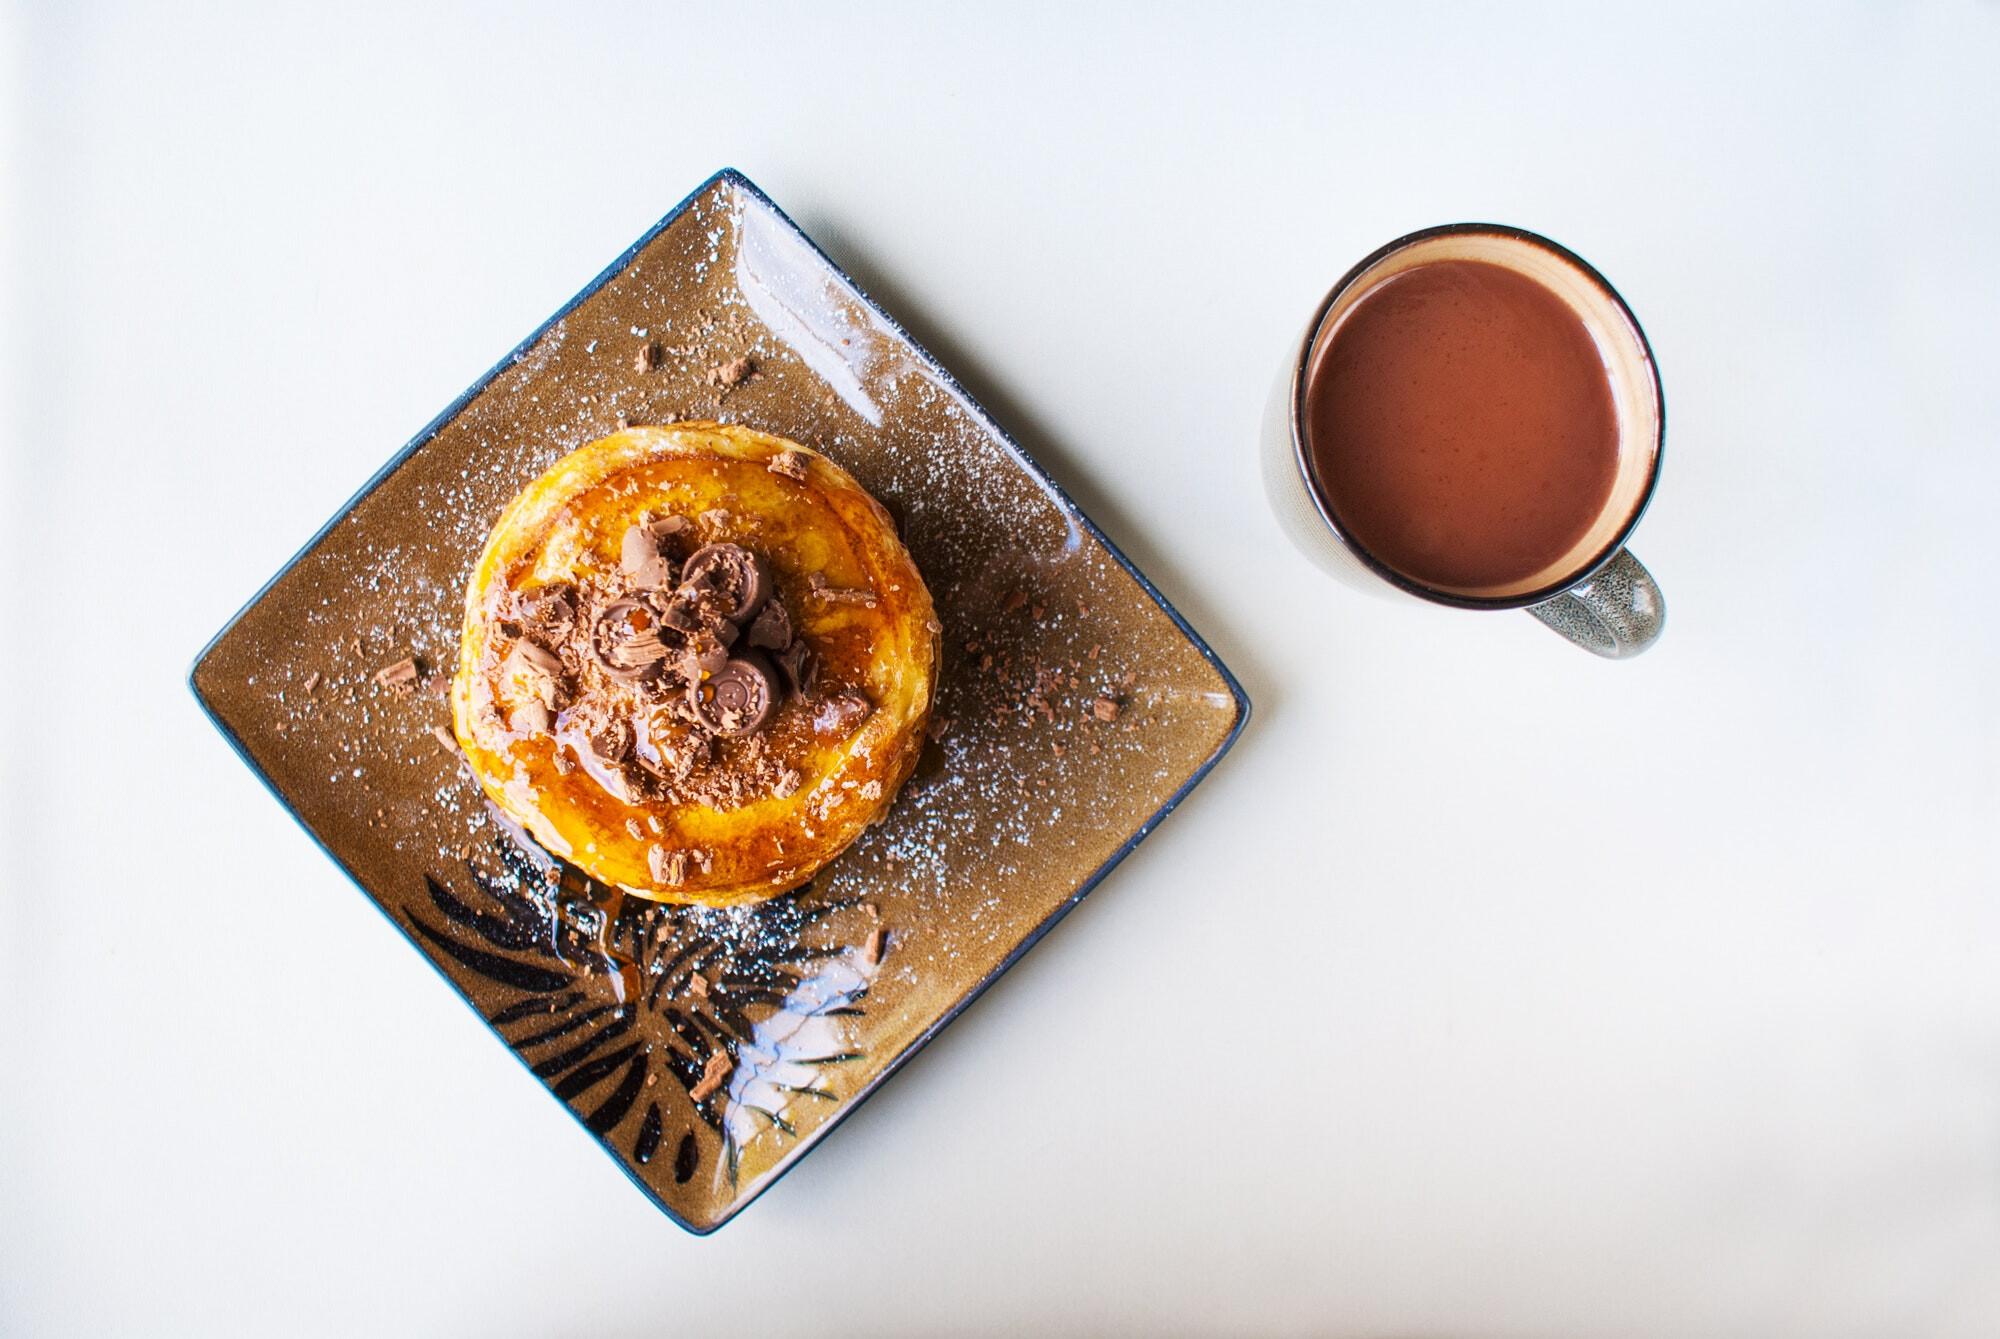 panquecas-de-banana-segredos-para-as-panquecas-mais-saudáveis-e-deliciosas